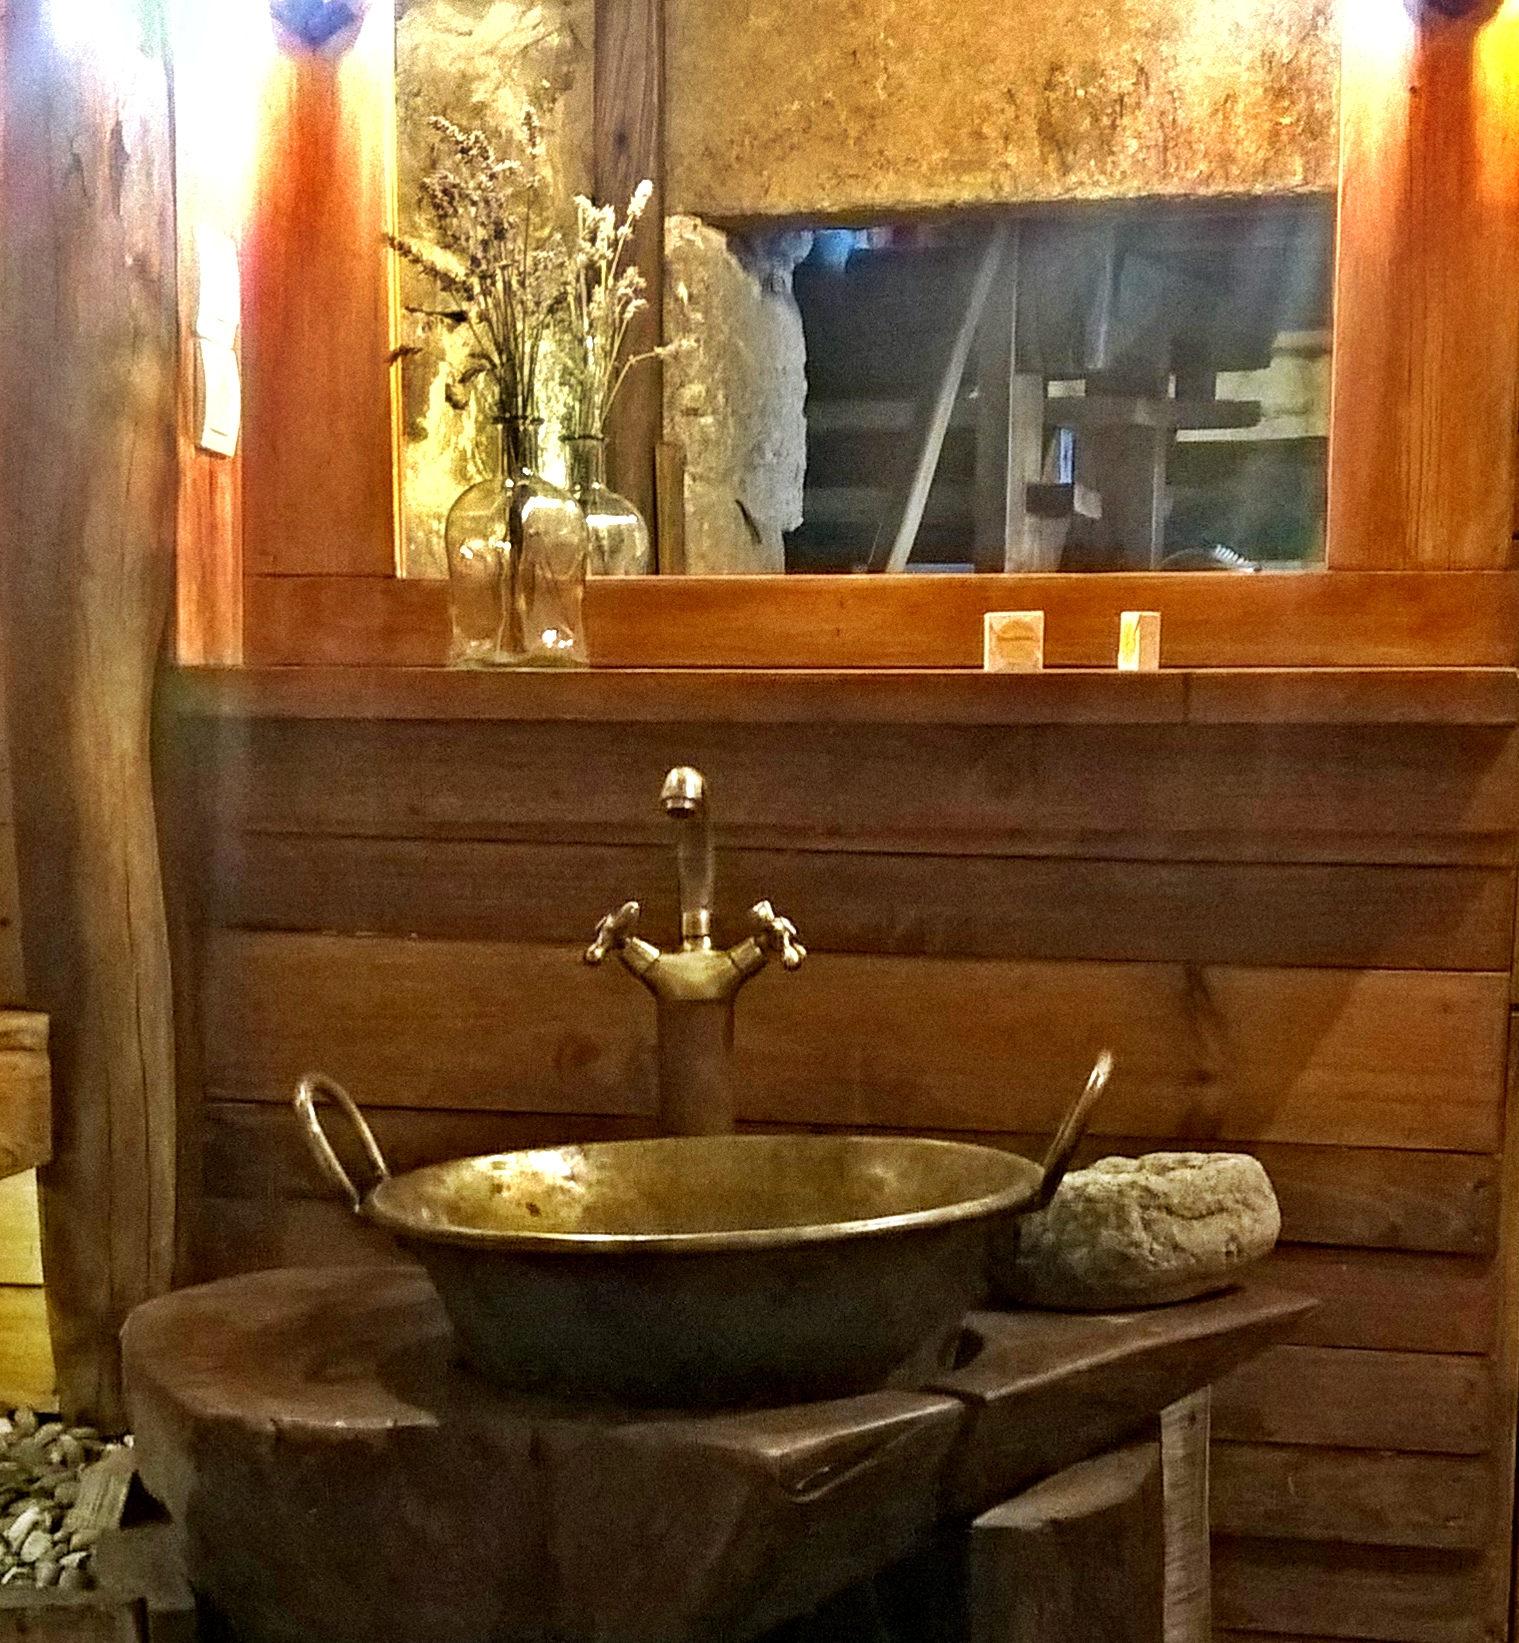 A entrda da casa de banho, da casa que ficamos. Muito bonita.